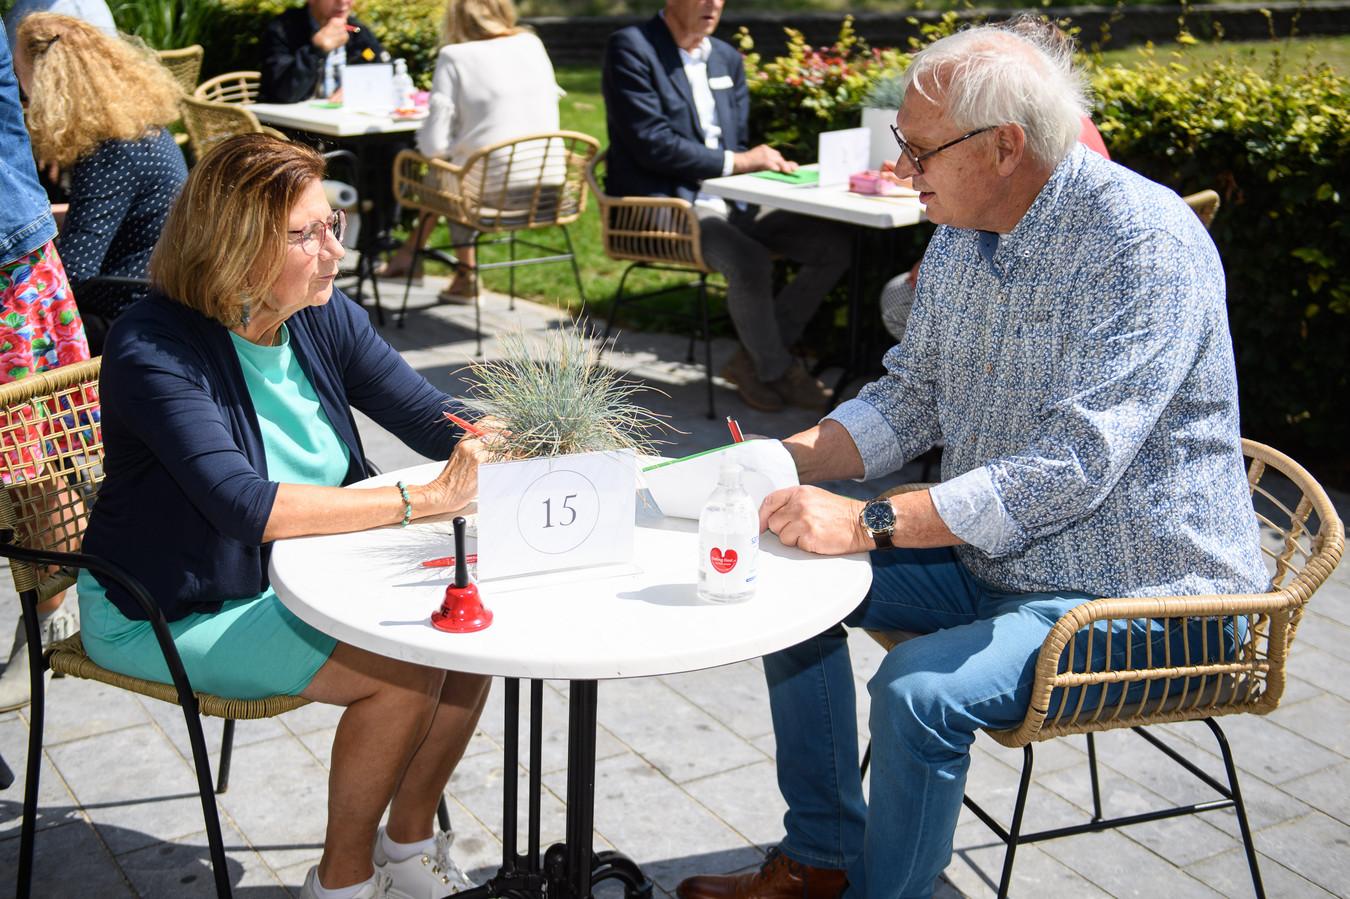 Tafel 15. Gonny Verwer en Rudi van der Scheer krijgen tijdens hun speeddate 7 minuten om elkaar te leren kennen.